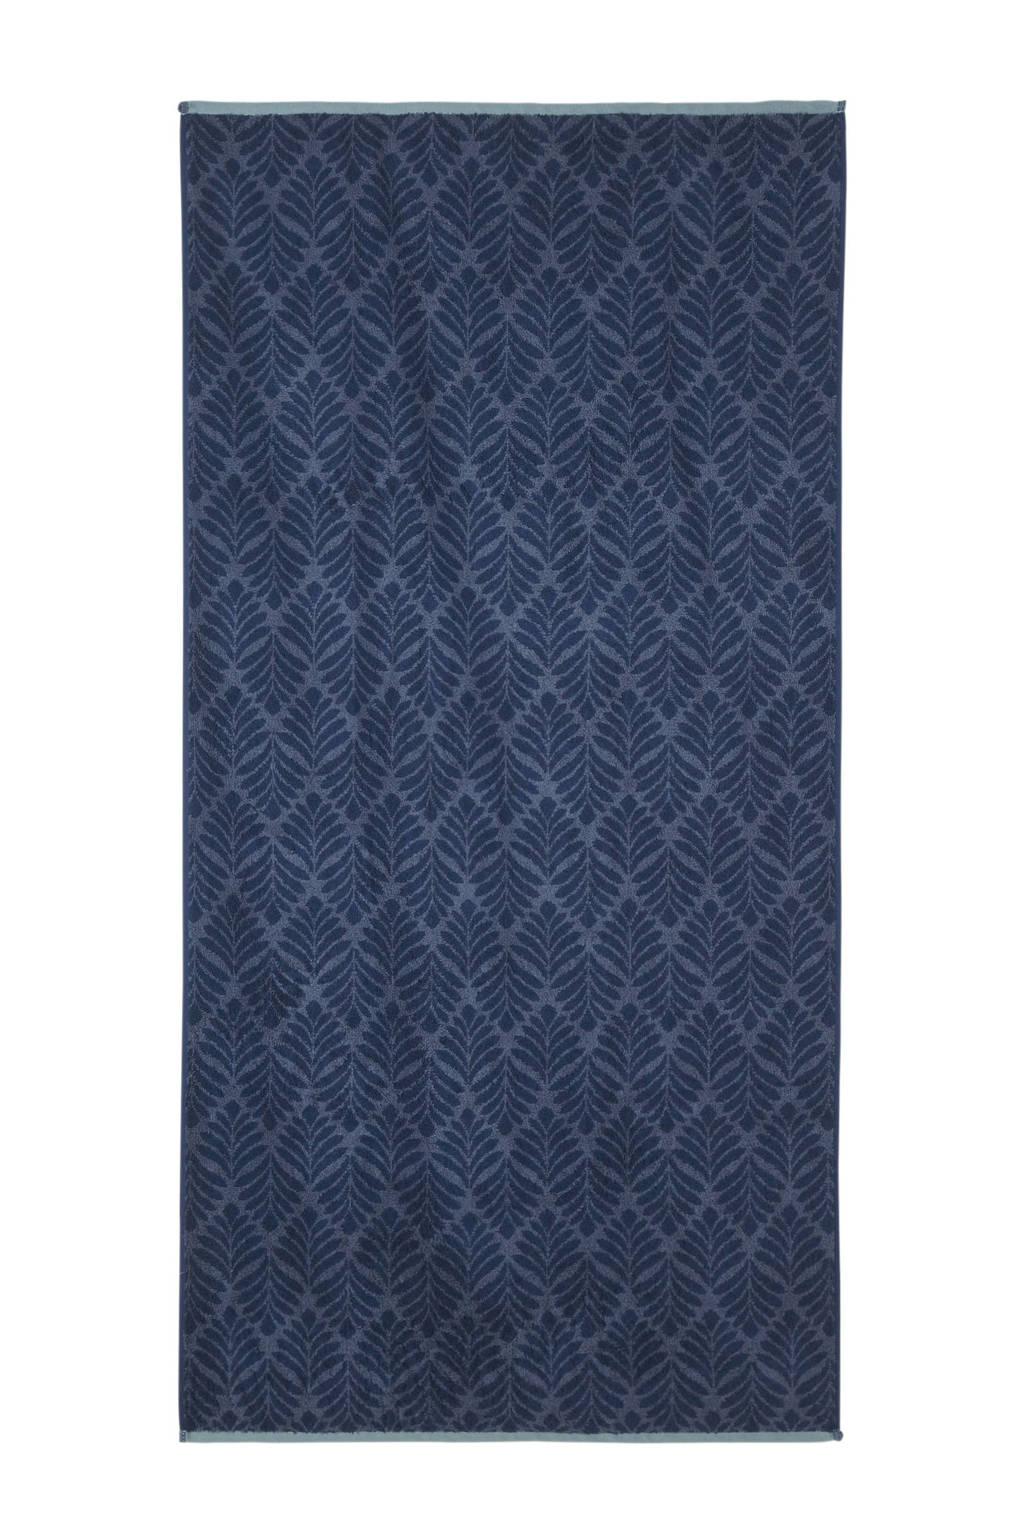 C&A Home handdoek (140x70 cm), Blauw